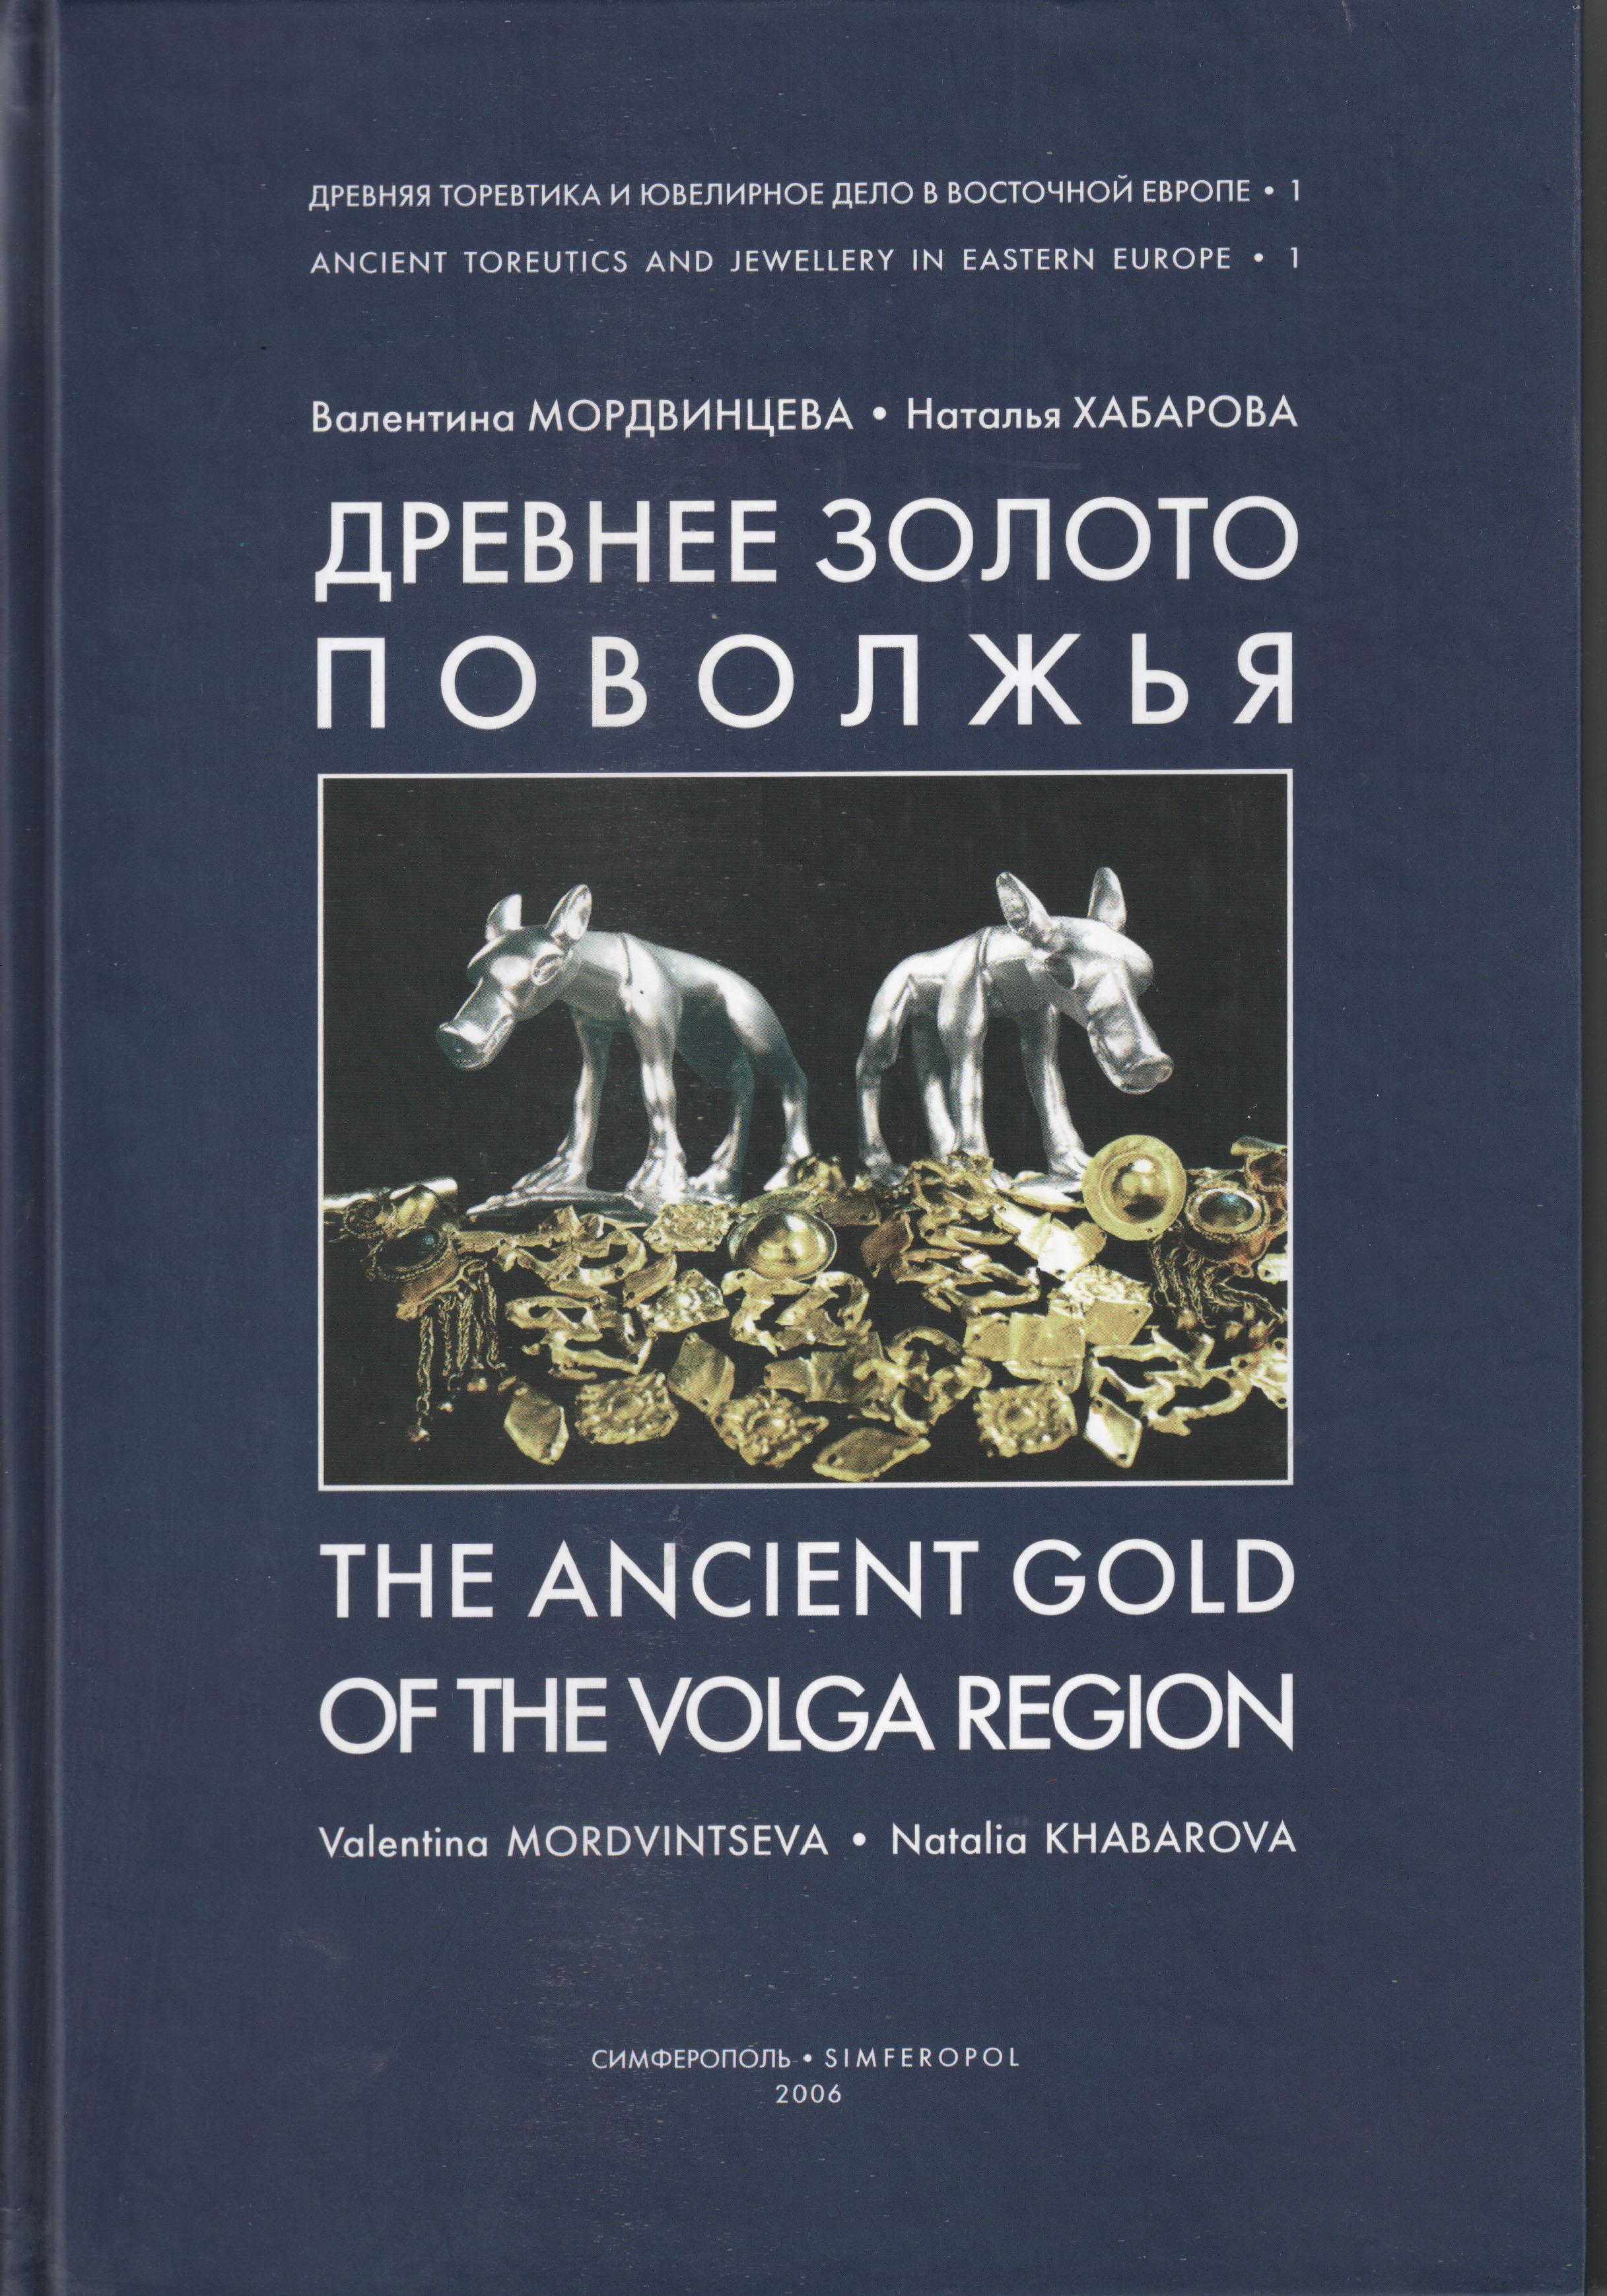 Древнее золото Поволжья. Древняя торевтика и ювелирное дело в Восточной Европе 1.